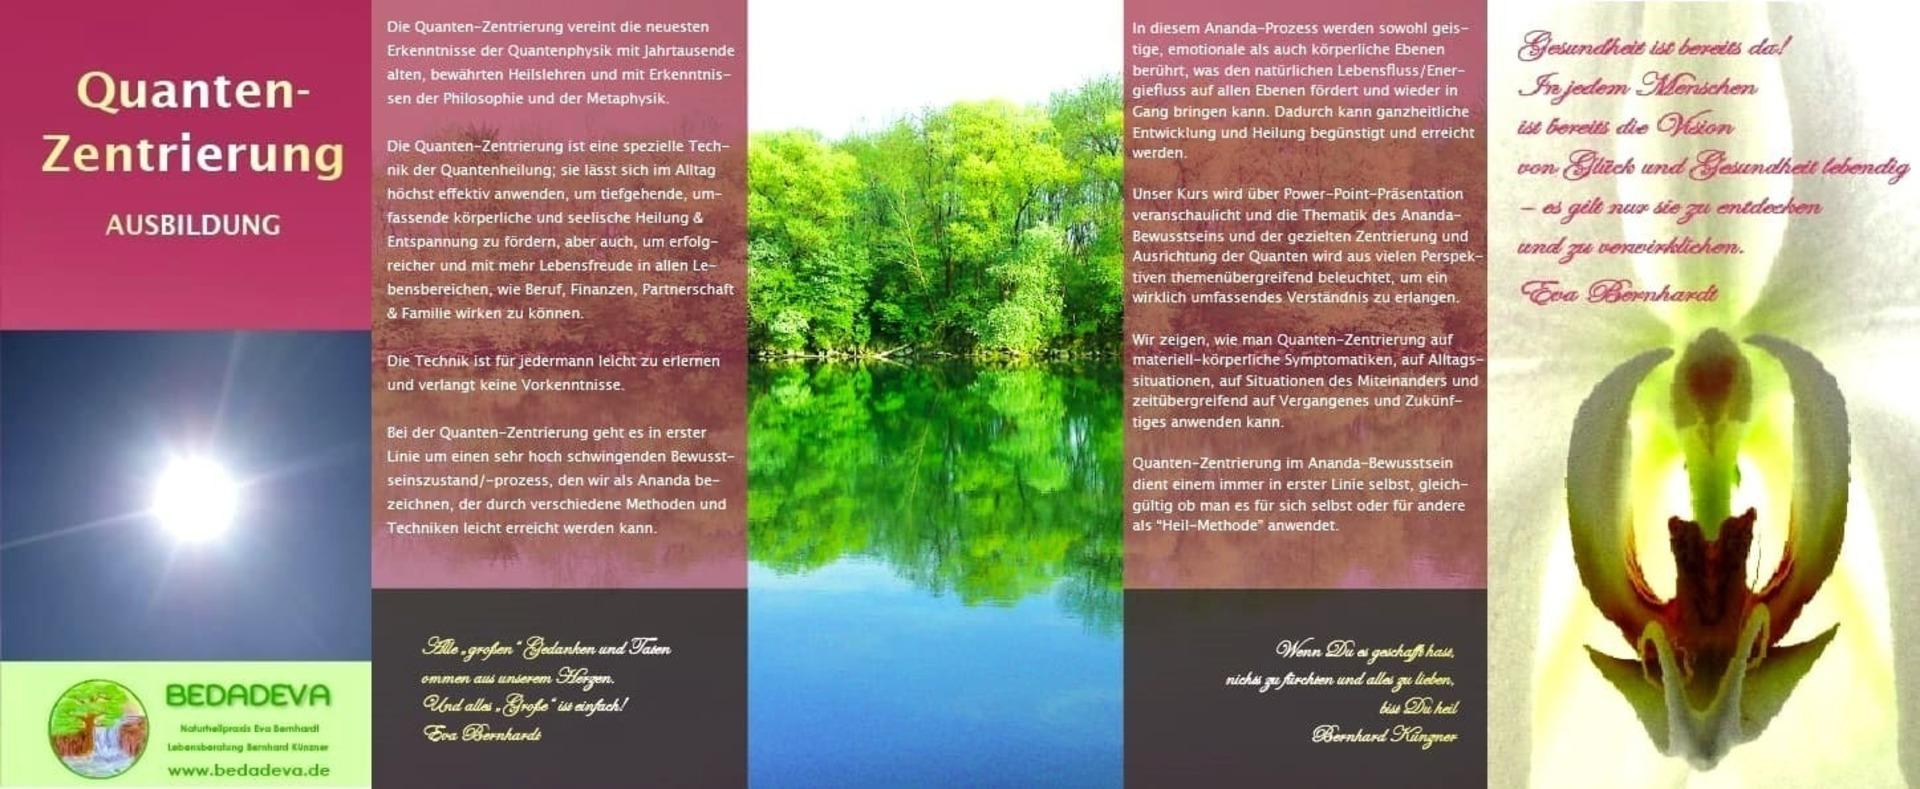 Quanten-Zentrierung (Ausbildung/Seminar) @ Praxis-Seminar-Zentrum BEDADEVA